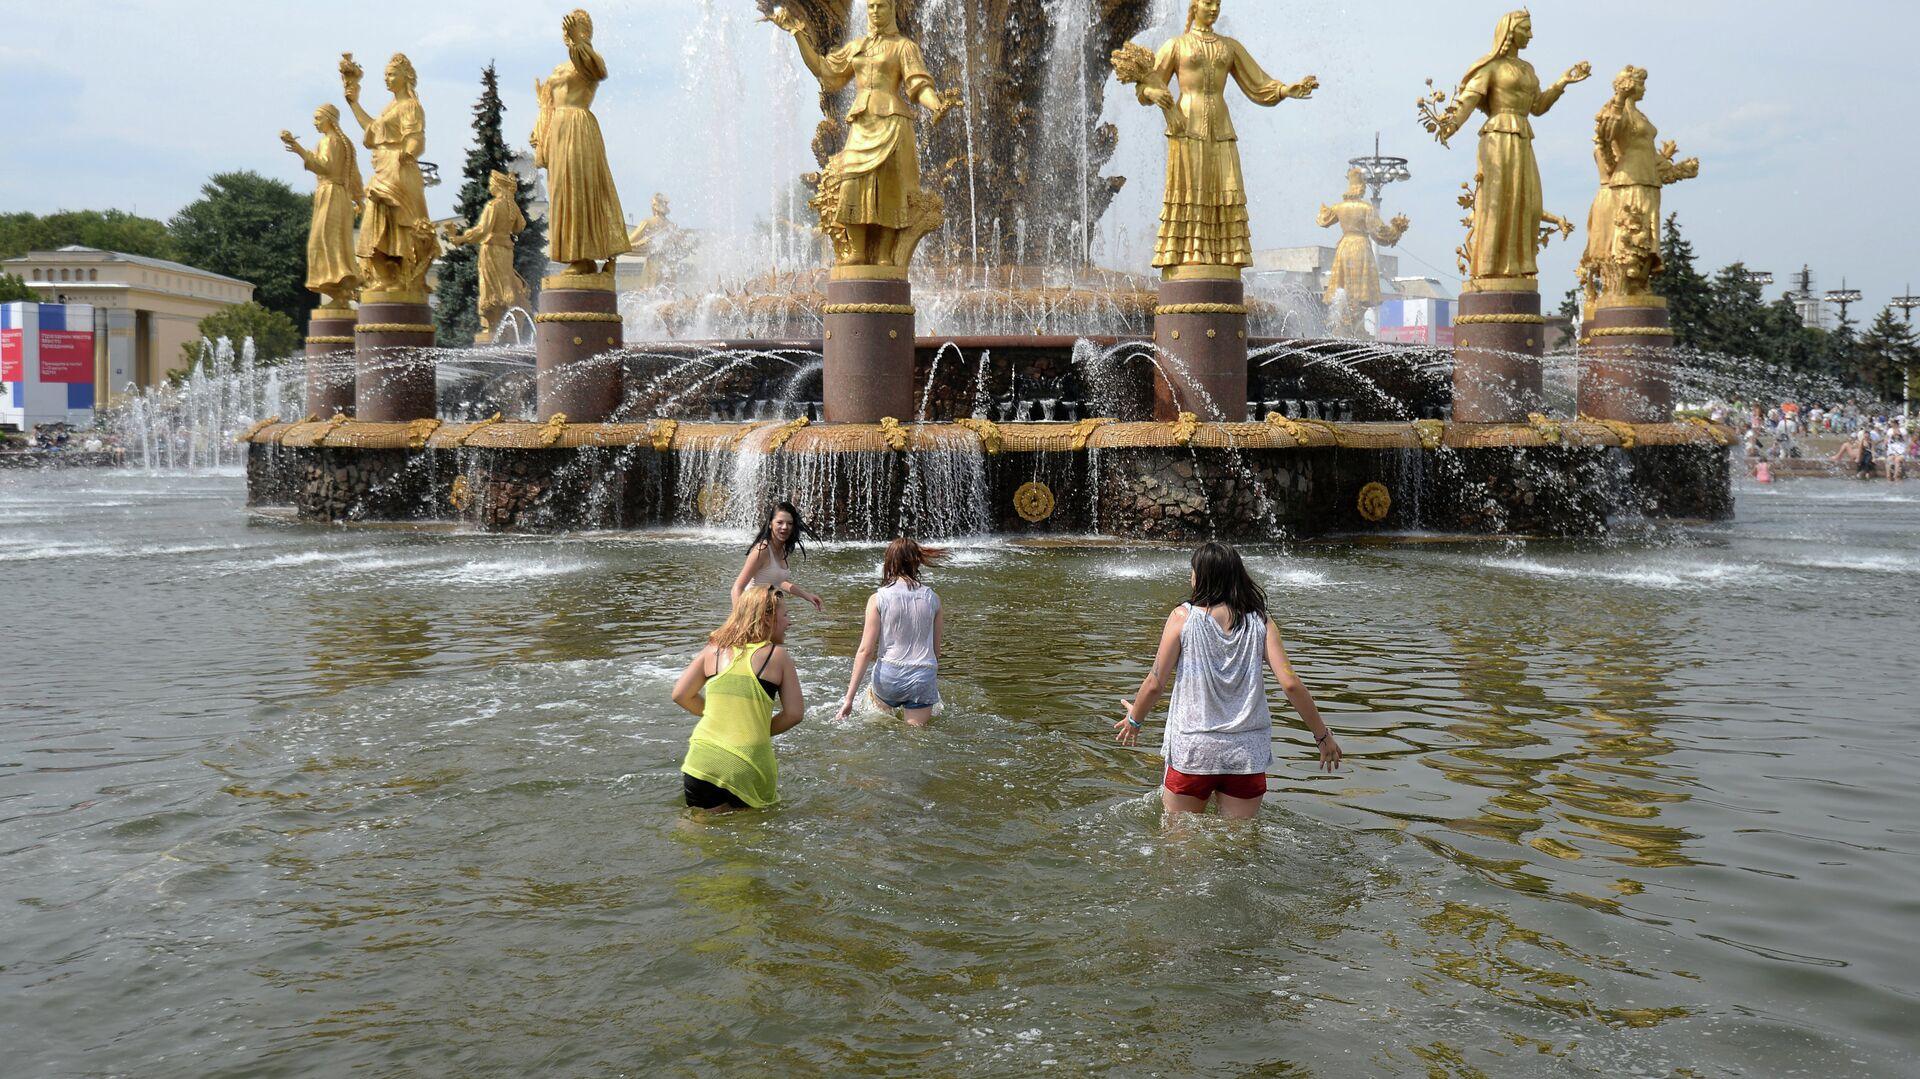 Посетители купаются в фонтане Дружба народов на ВДНХ в Москве - РИА Новости, 1920, 18.08.2021